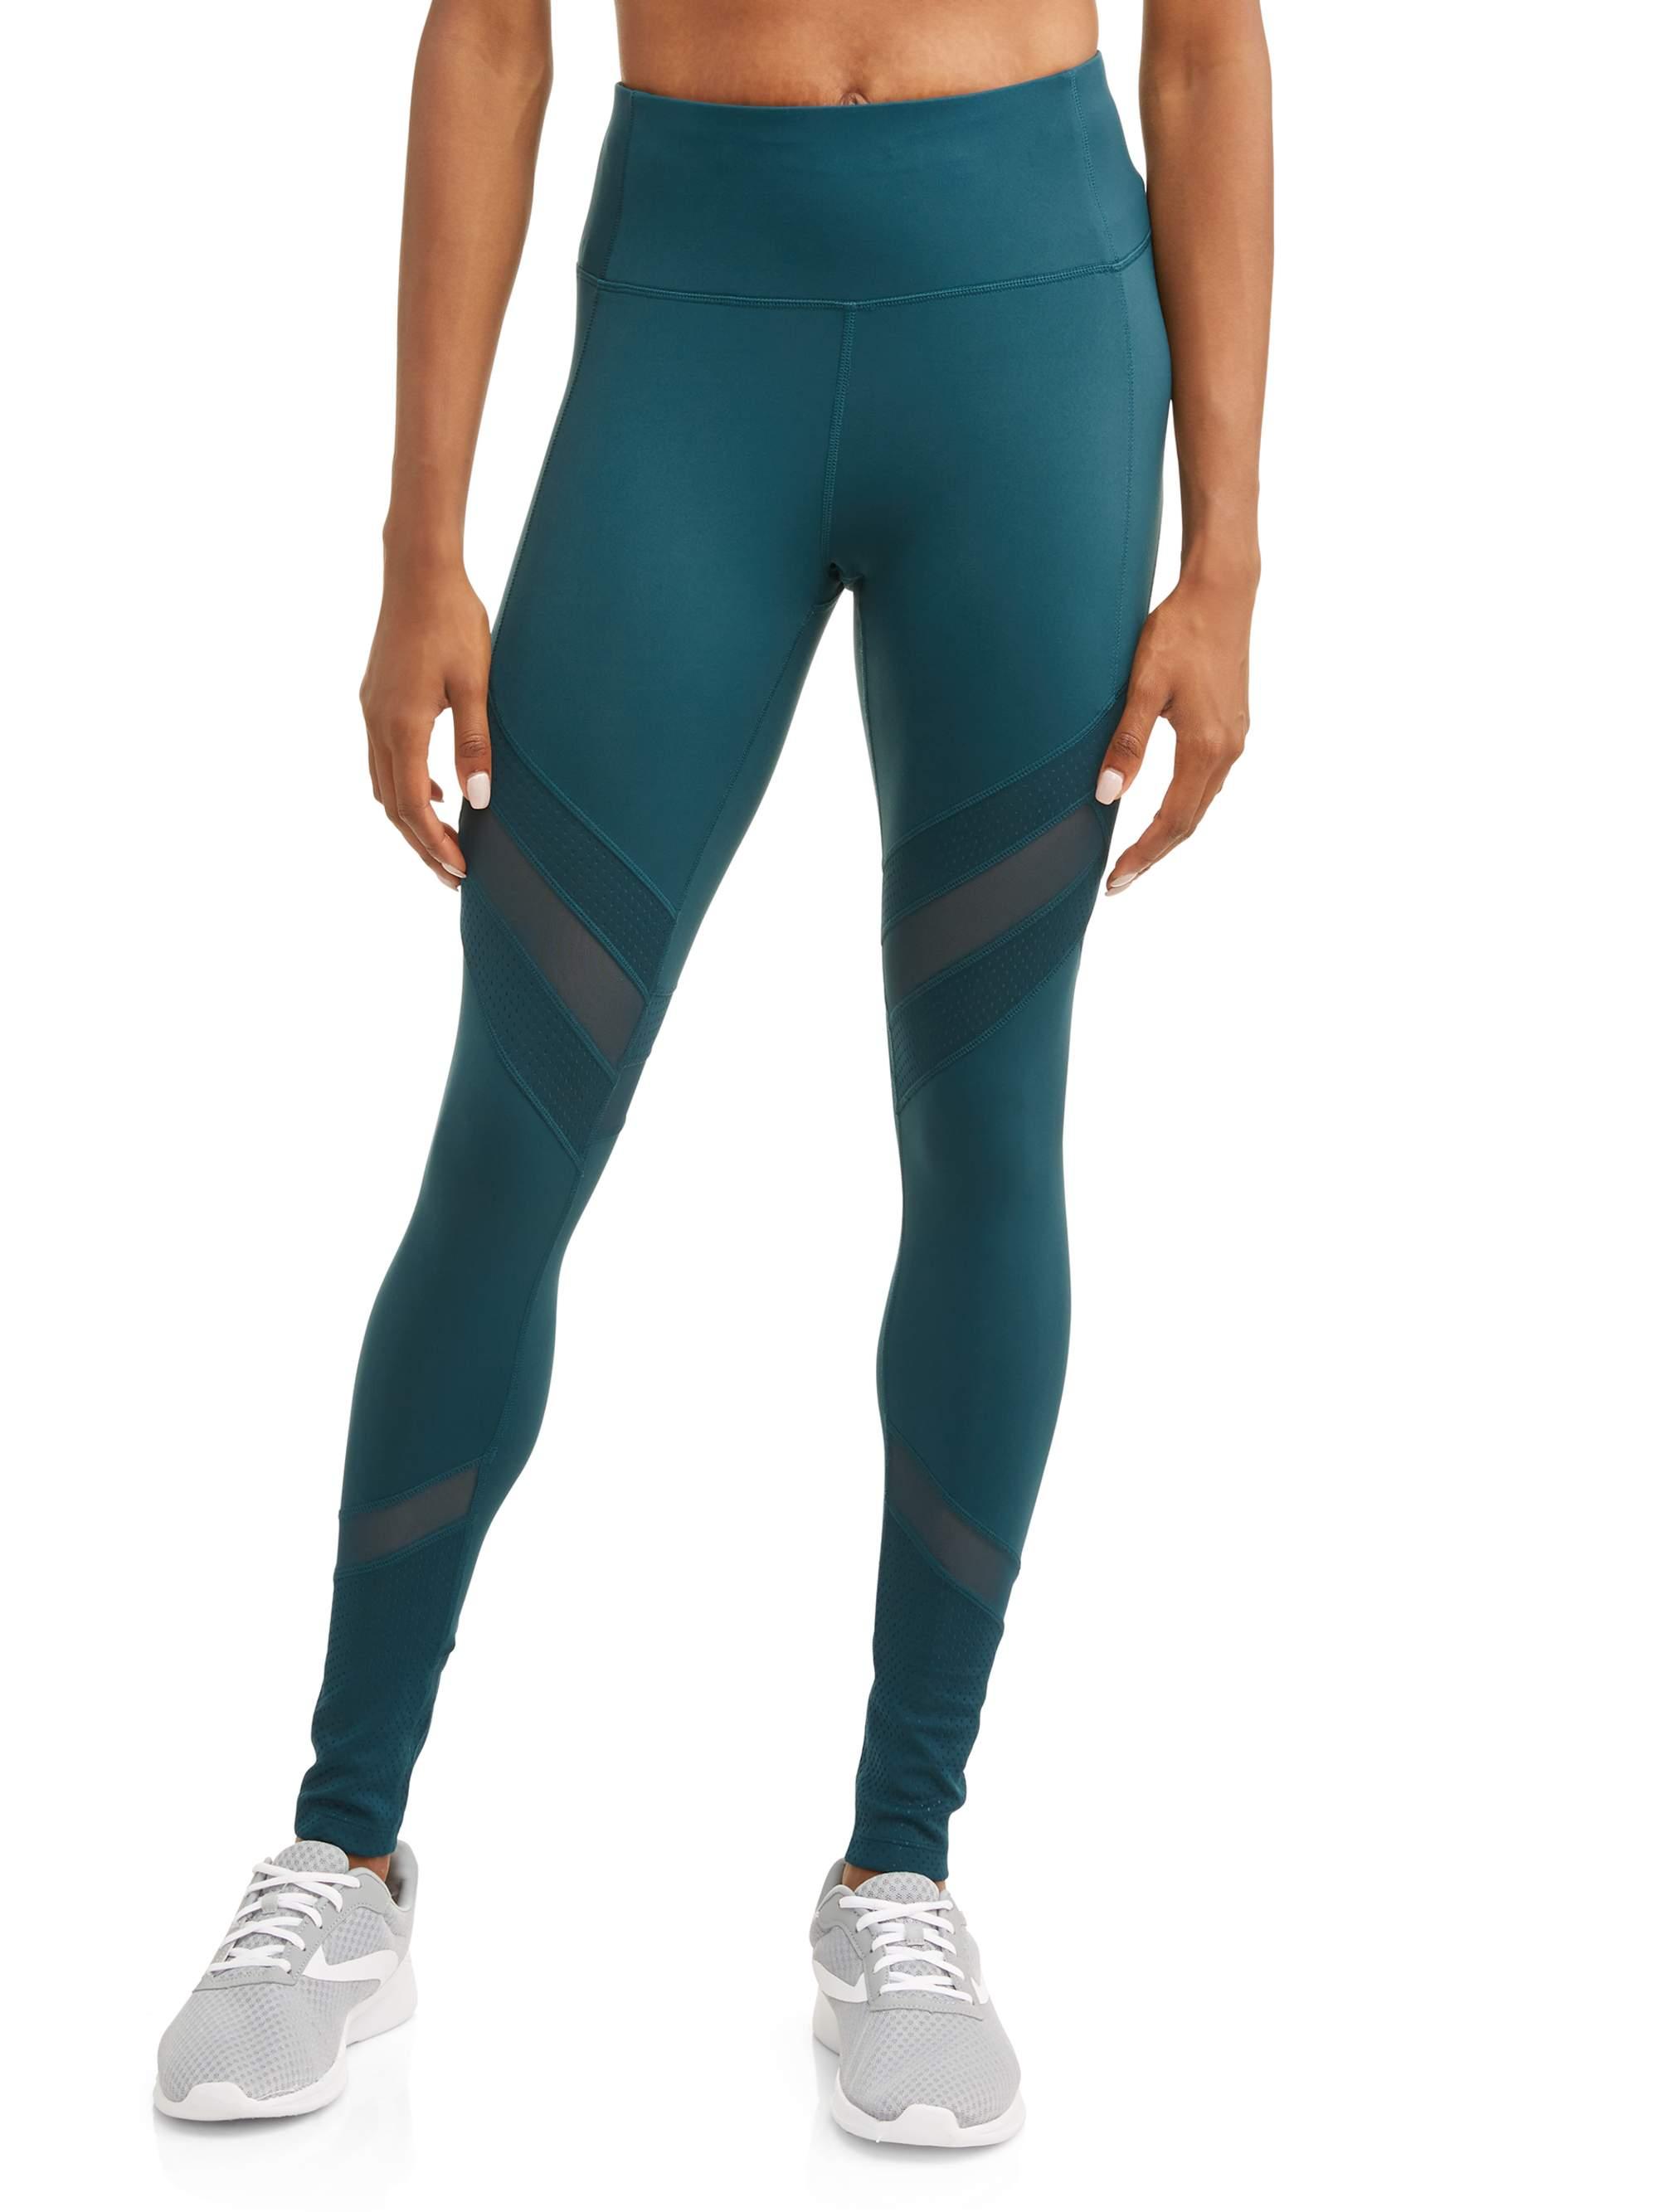 mesh insert performance leggings